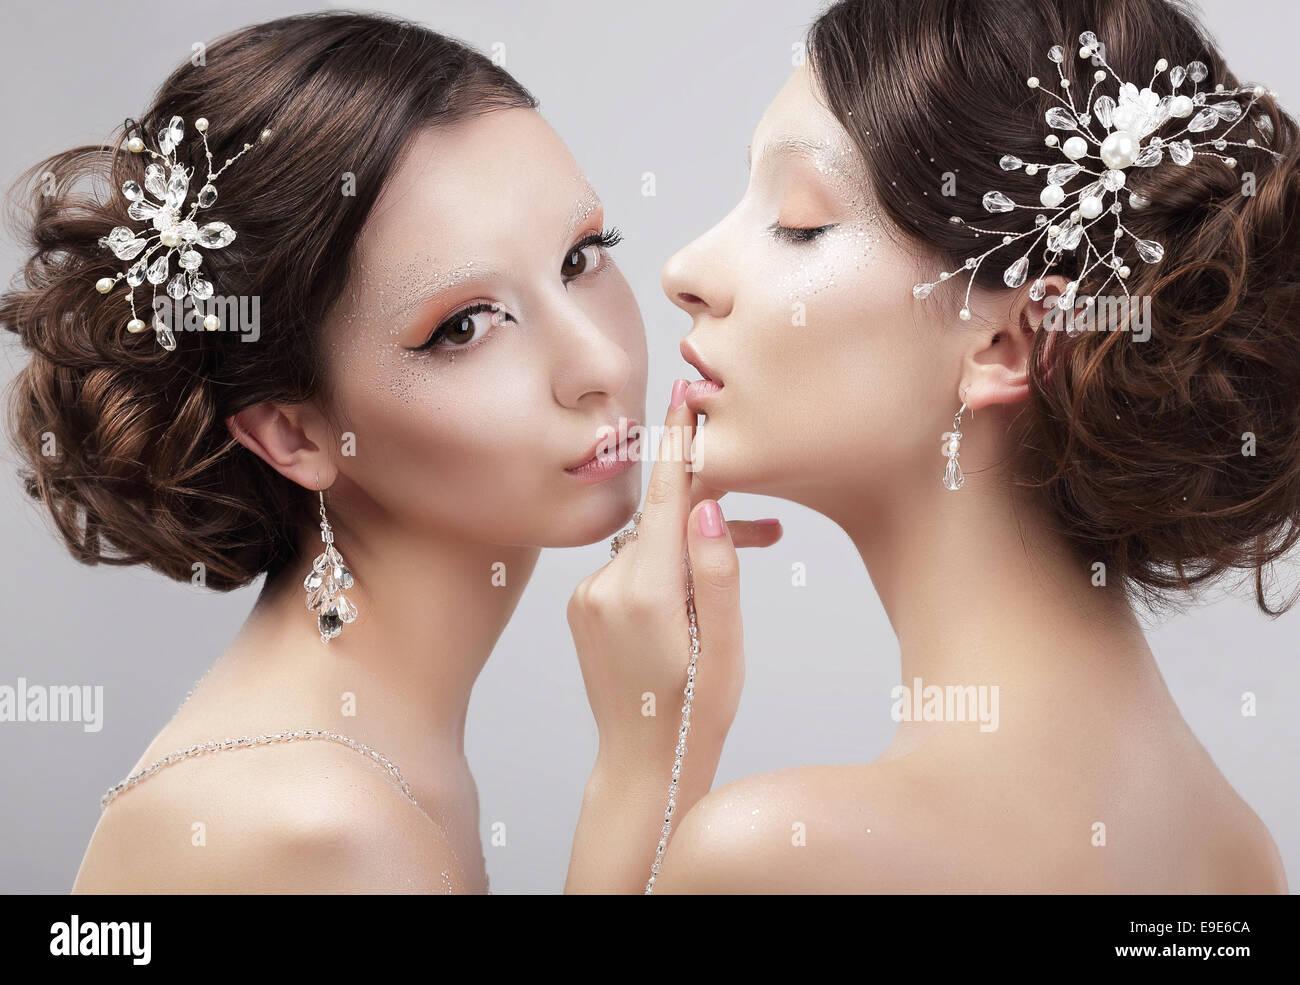 Sinnlichkeit. Zwei Frauen Mode Modelle mit trendigen Make-up Stockbild